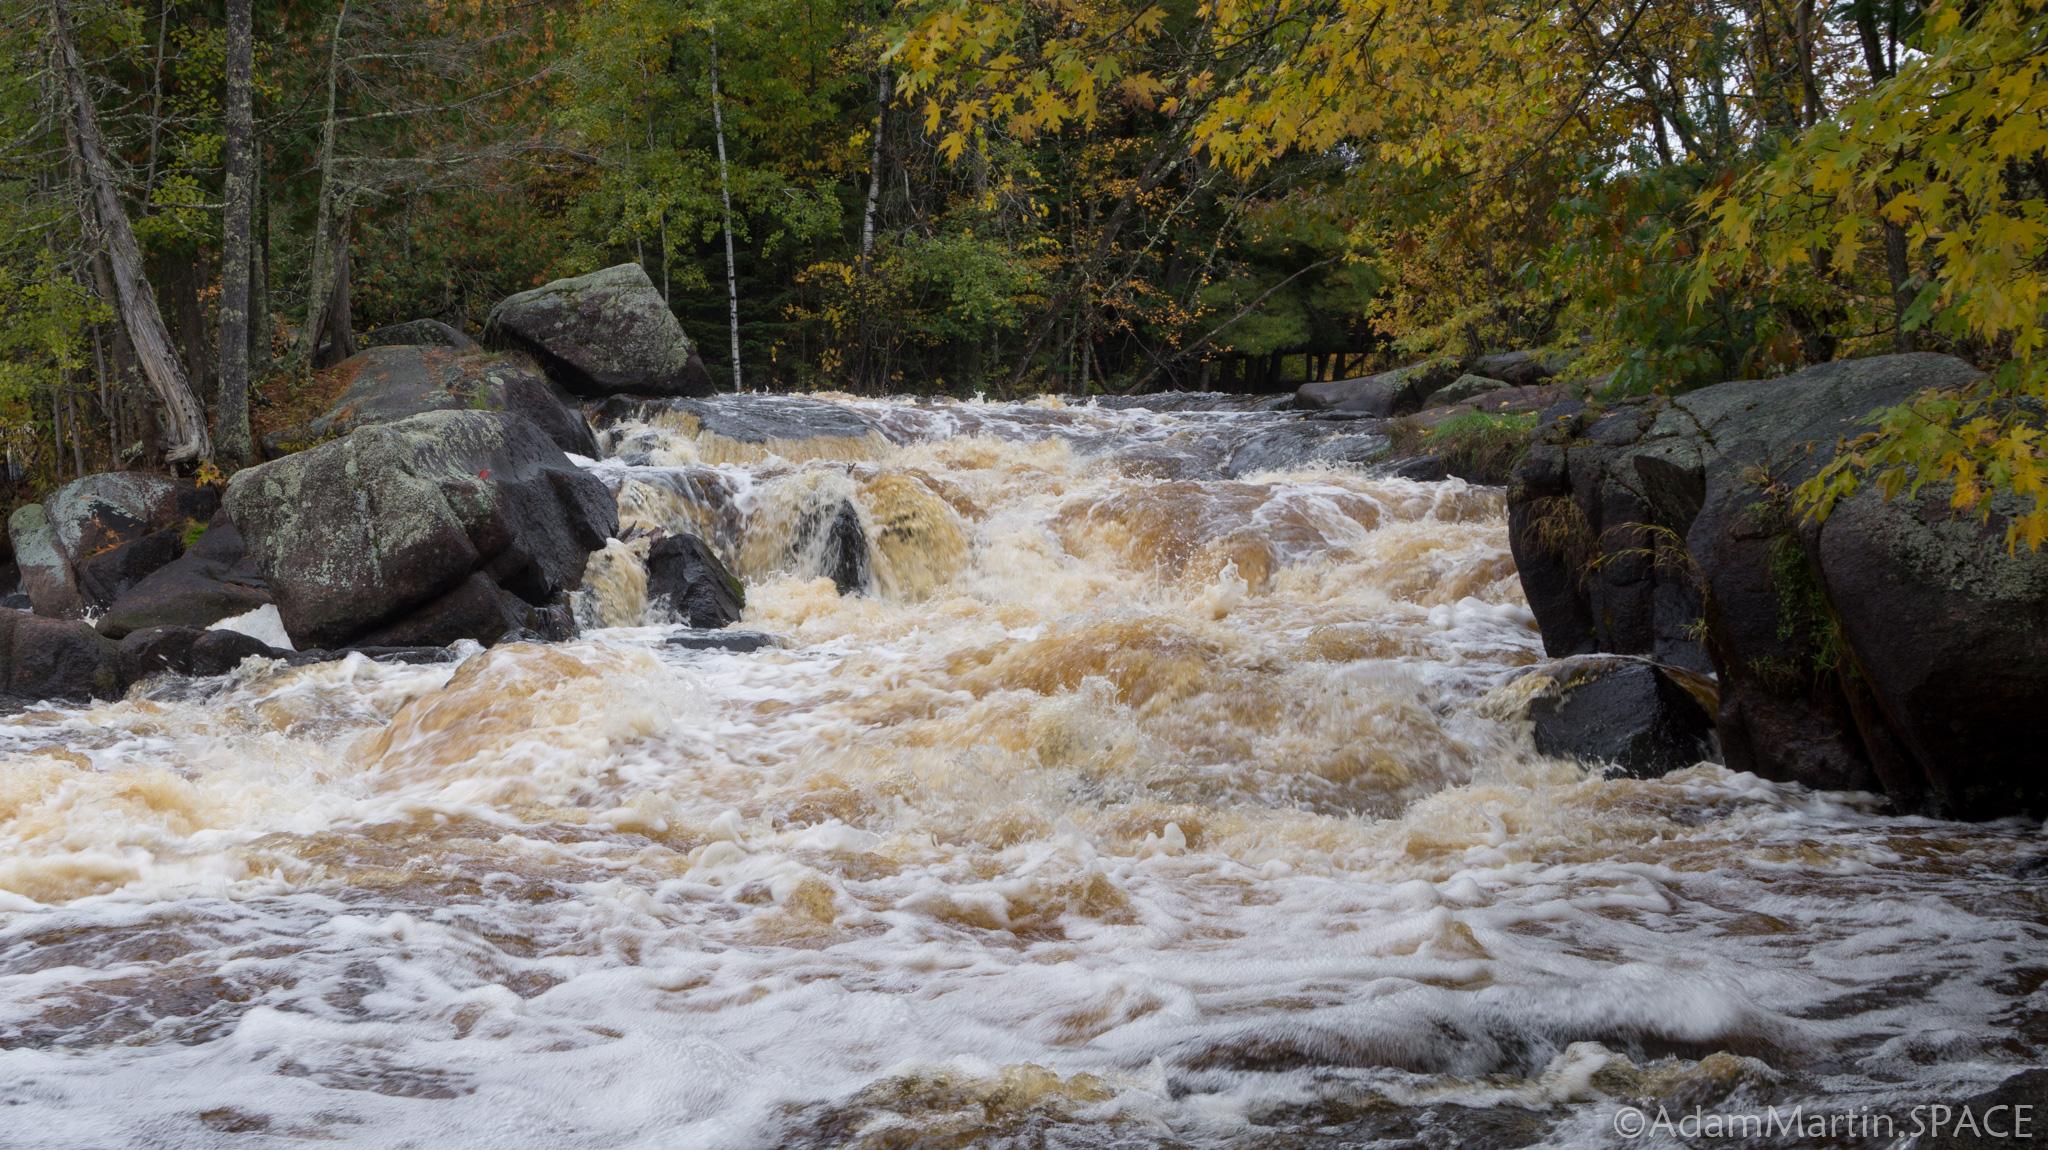 Strong Falls - Main Falls View